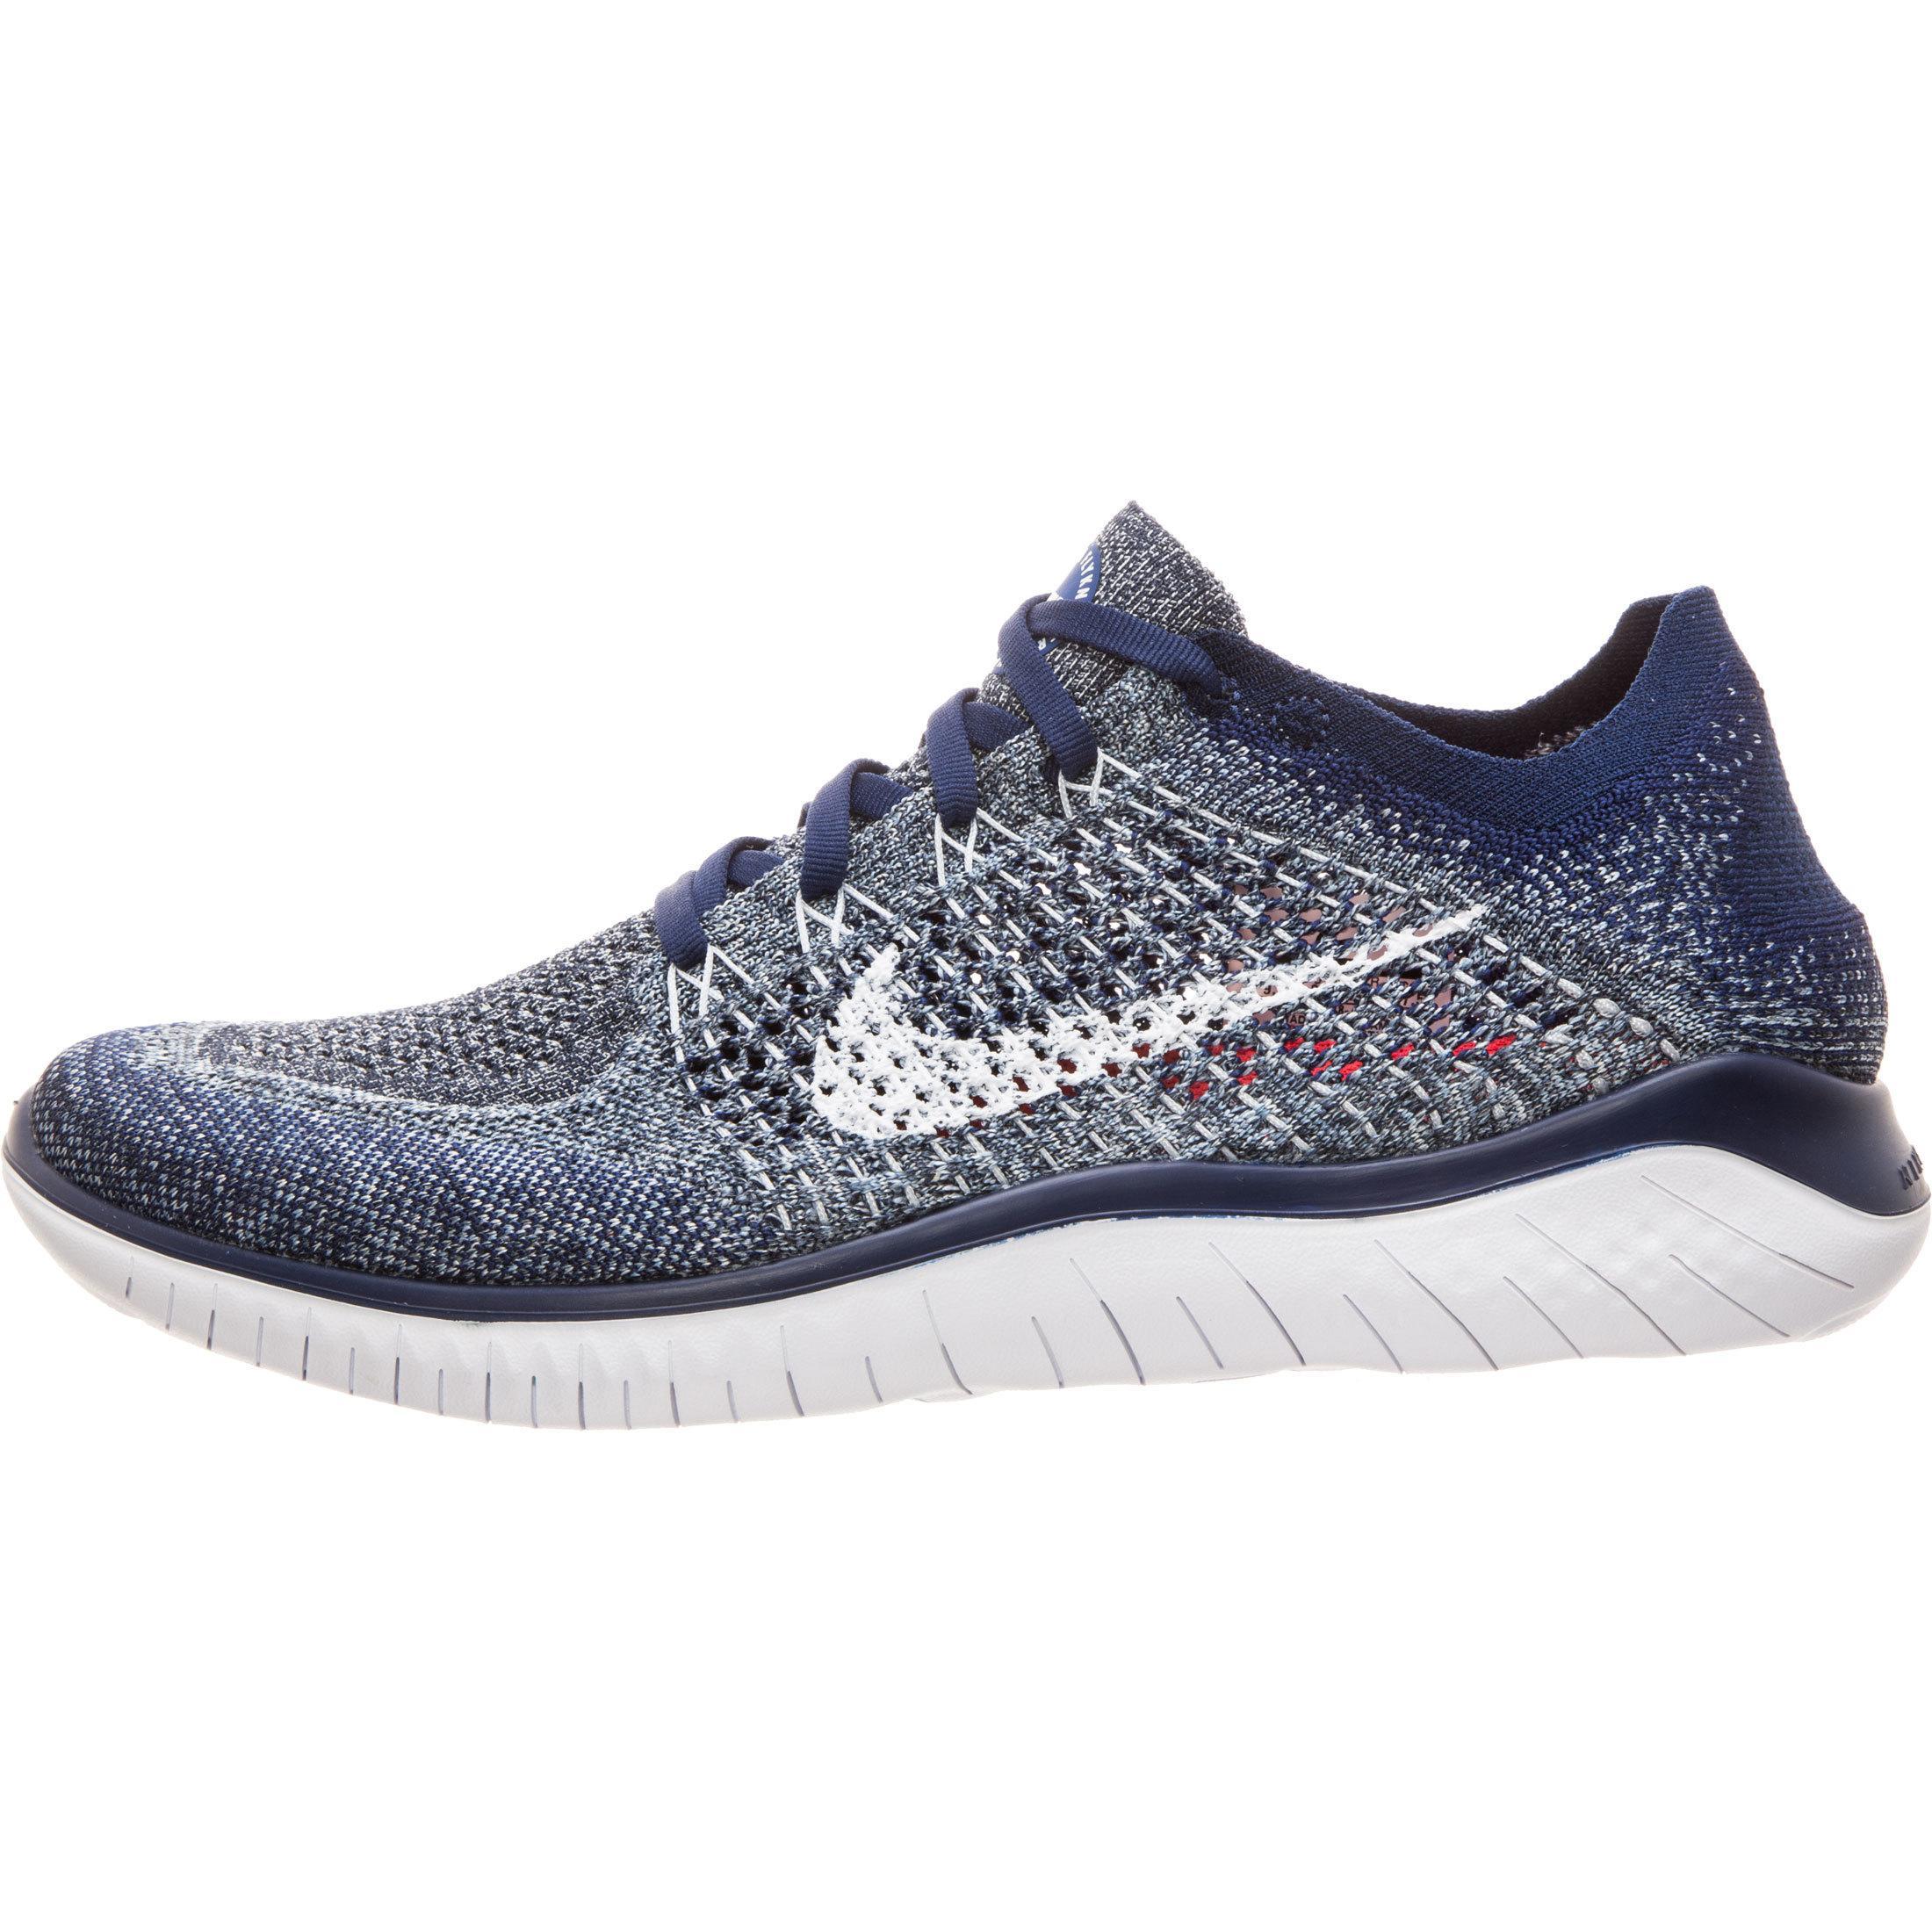 Nike Free RN Flyknit 2018 Laufschuhe Herren anthrazit anthrazit anthrazit   neongelb im Online Shop von SportScheck kaufen Gute Qualität beliebte Schuhe 3bf859